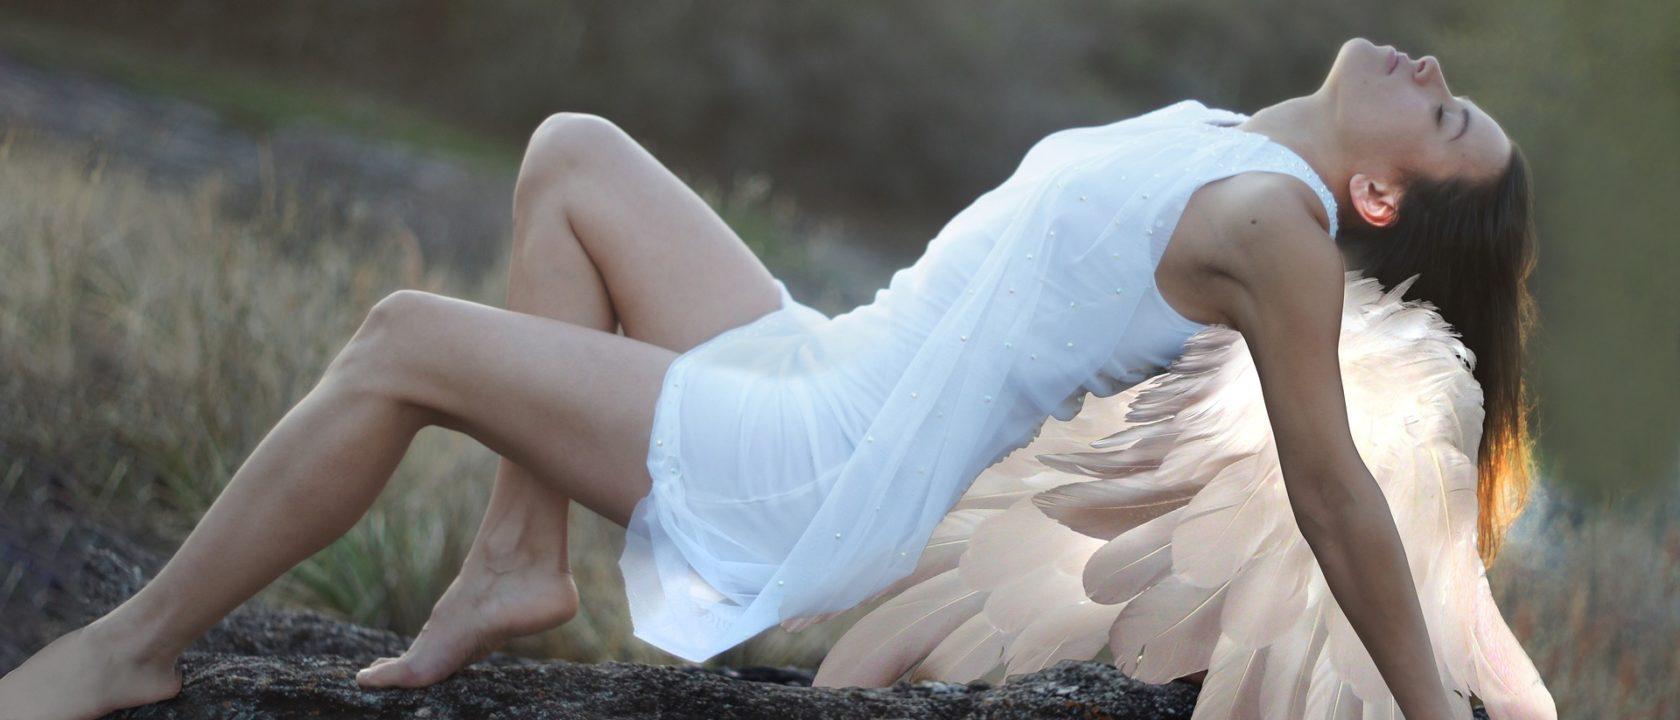 Bir melek kayanın üzerine yayılıp oturuyor.